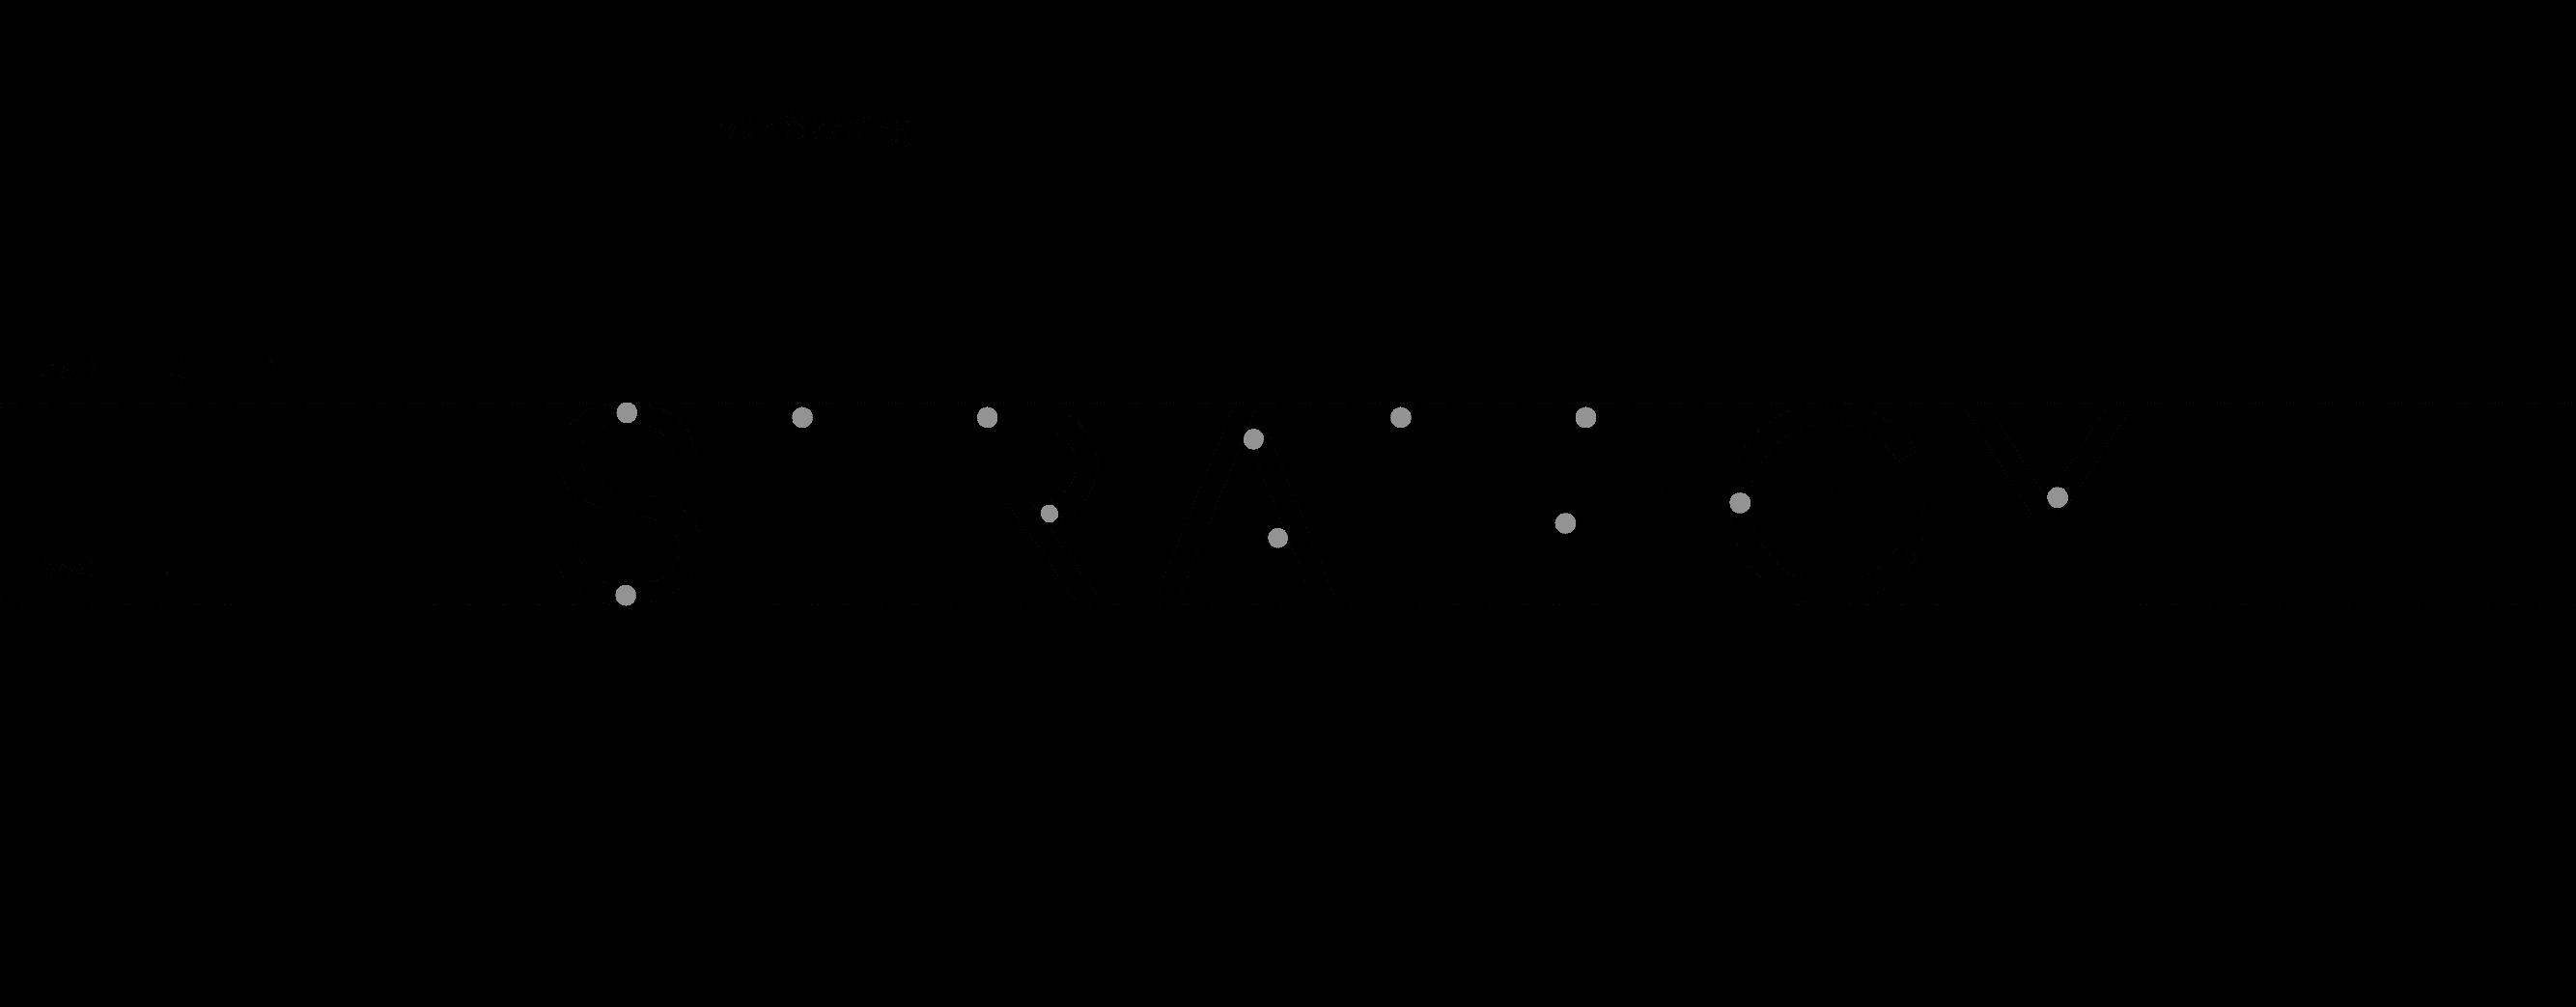 Gemic-Specimen_Regular-01_Compressed